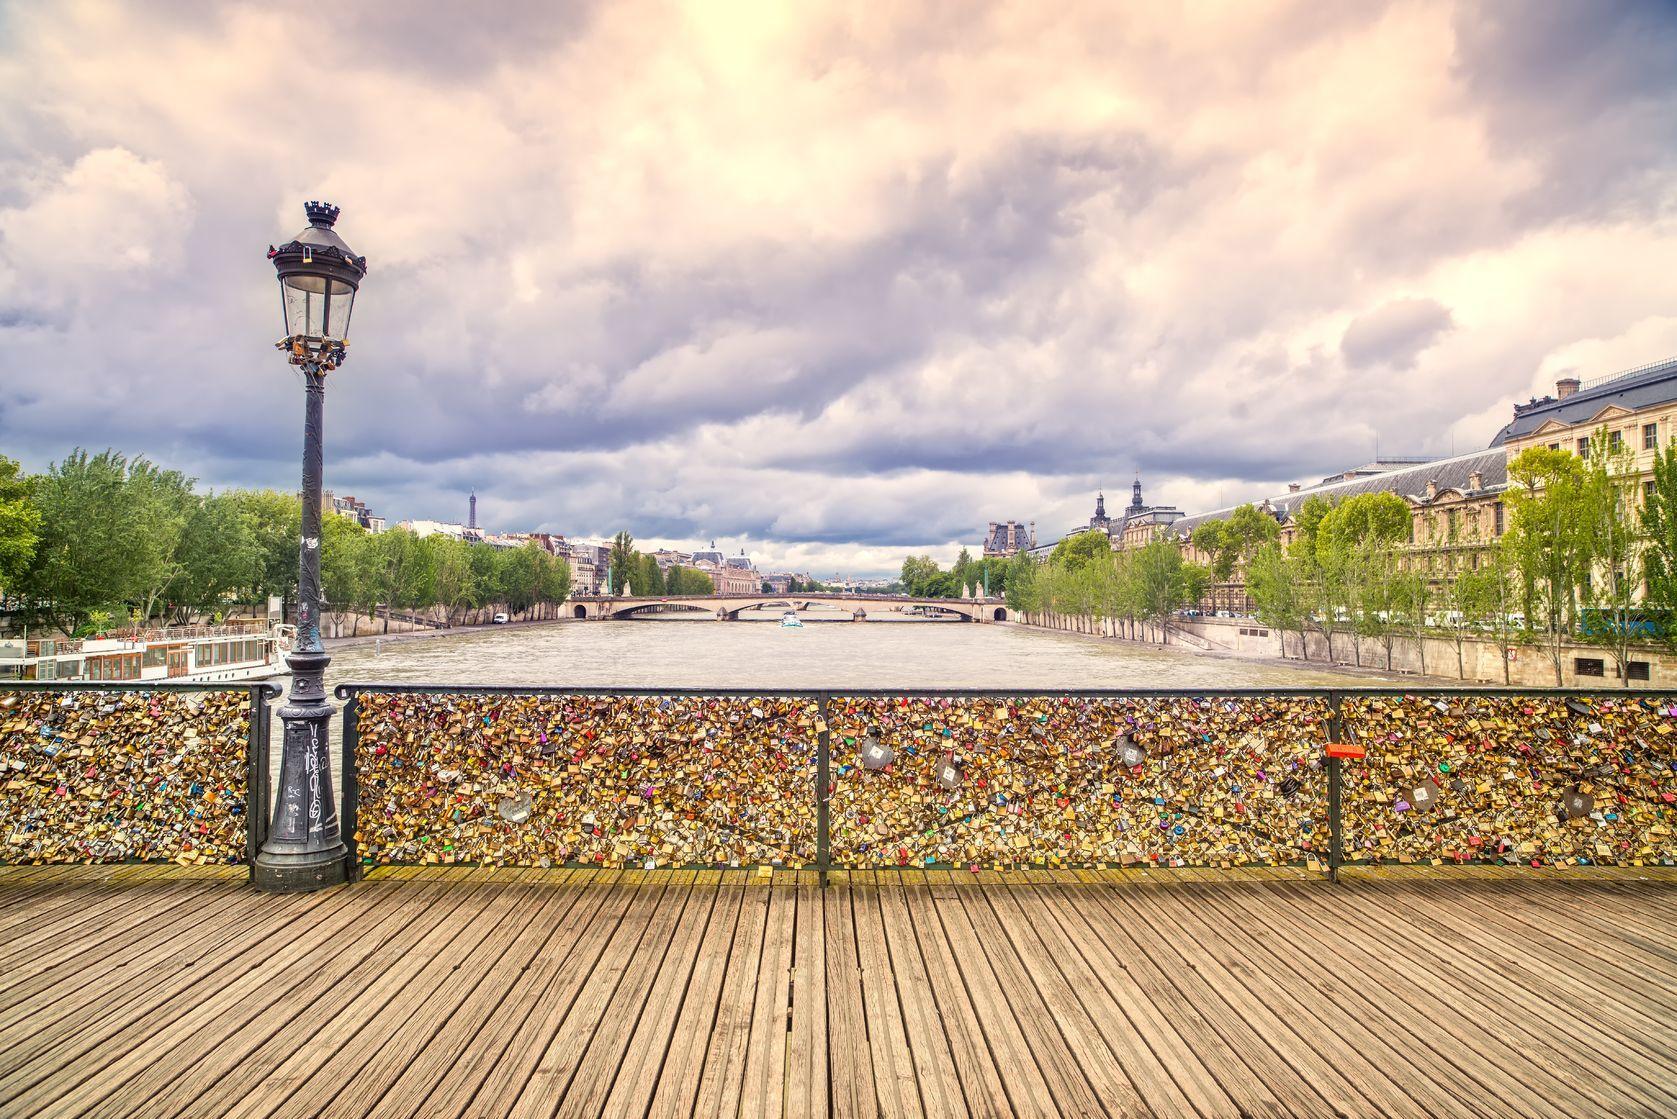 Pohled na most přes řeku Seina | stevanzz/123RF.com